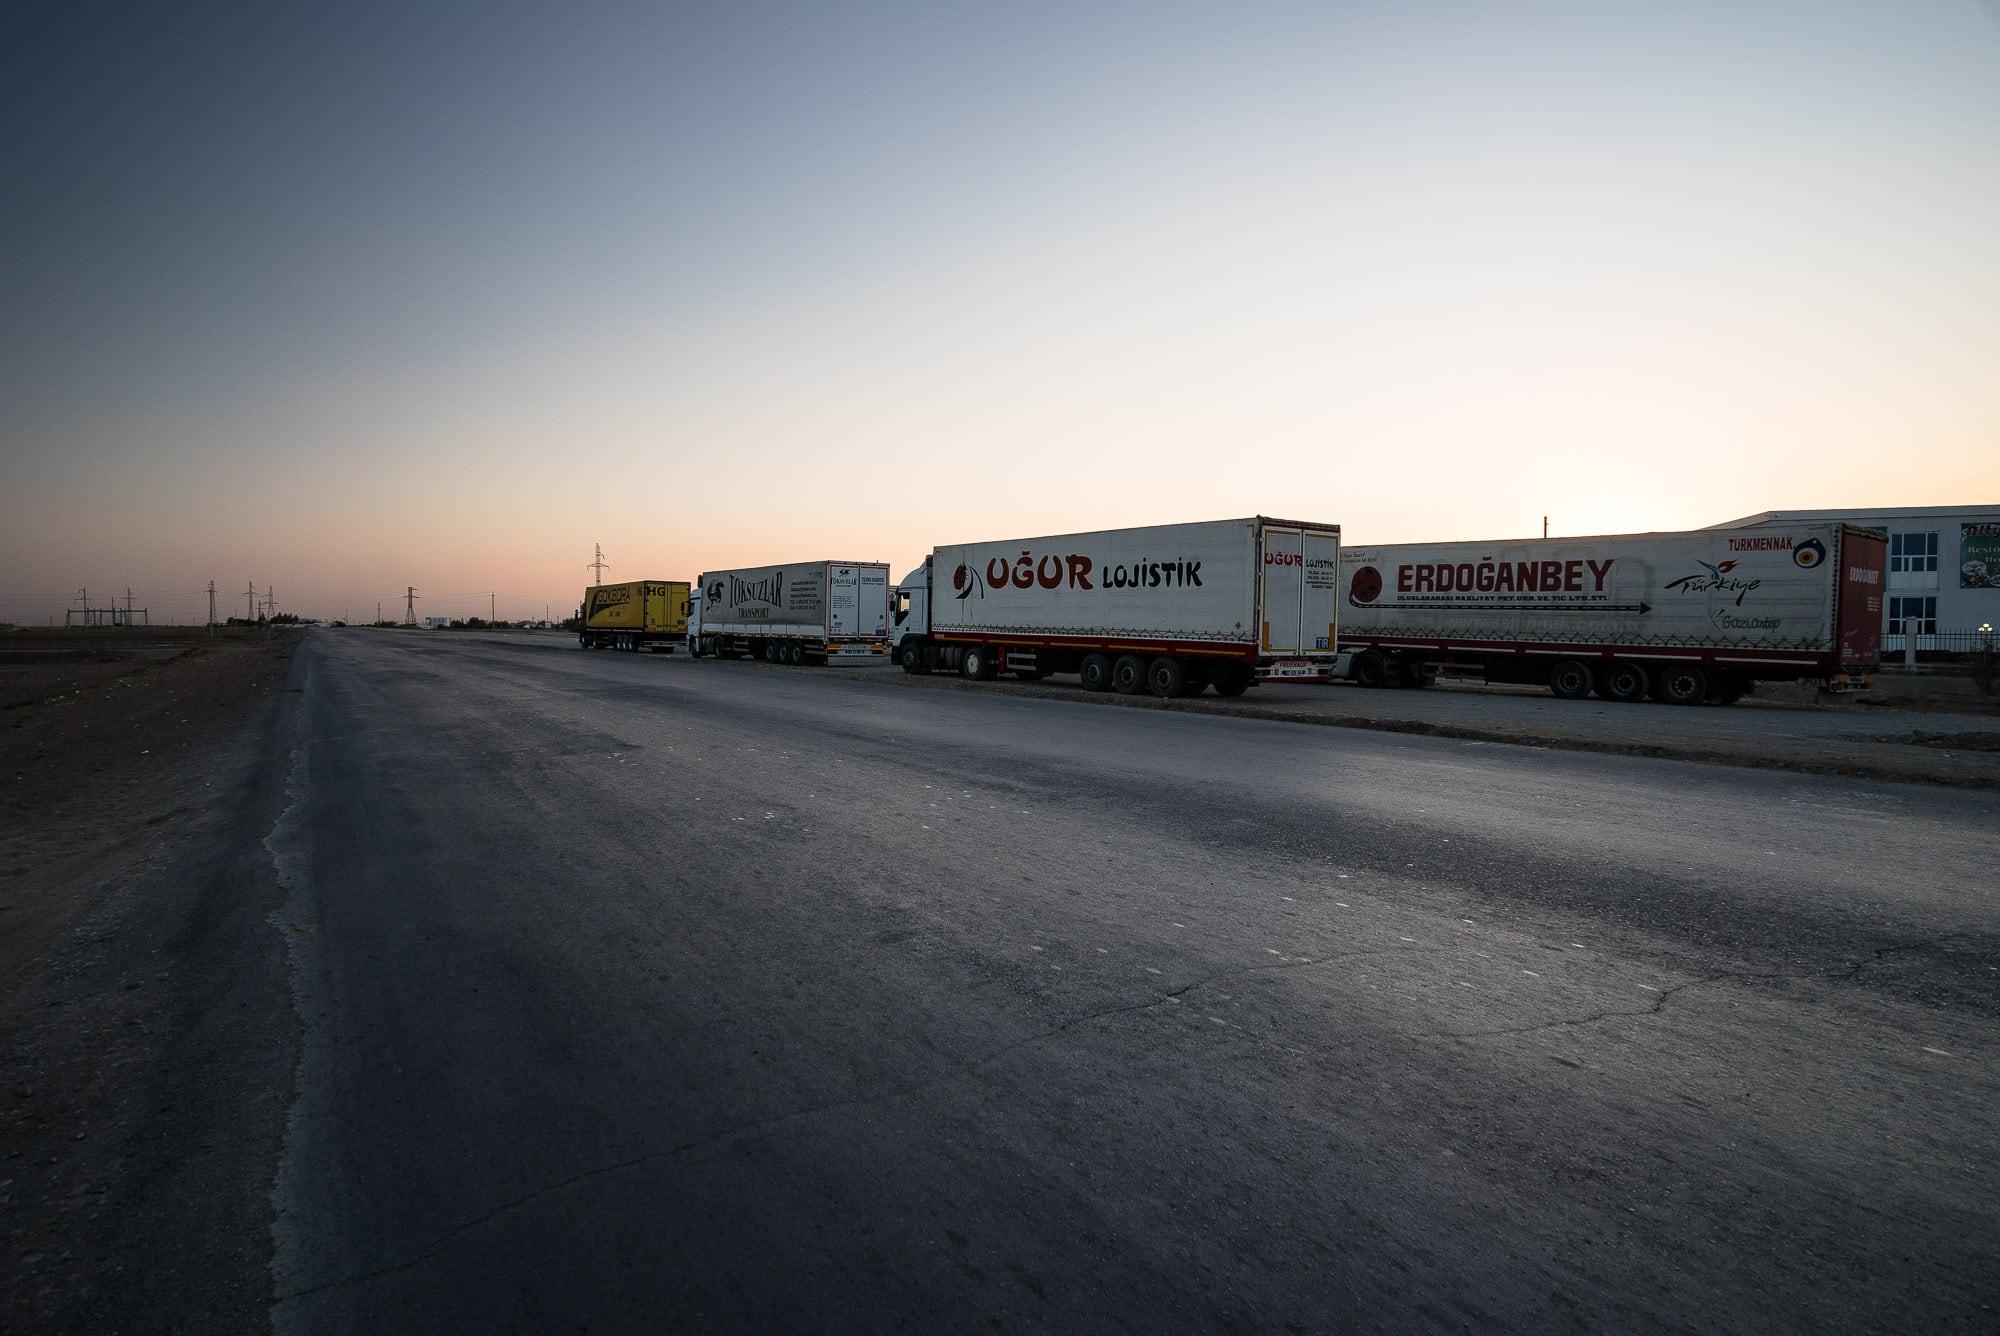 Turkish trucks